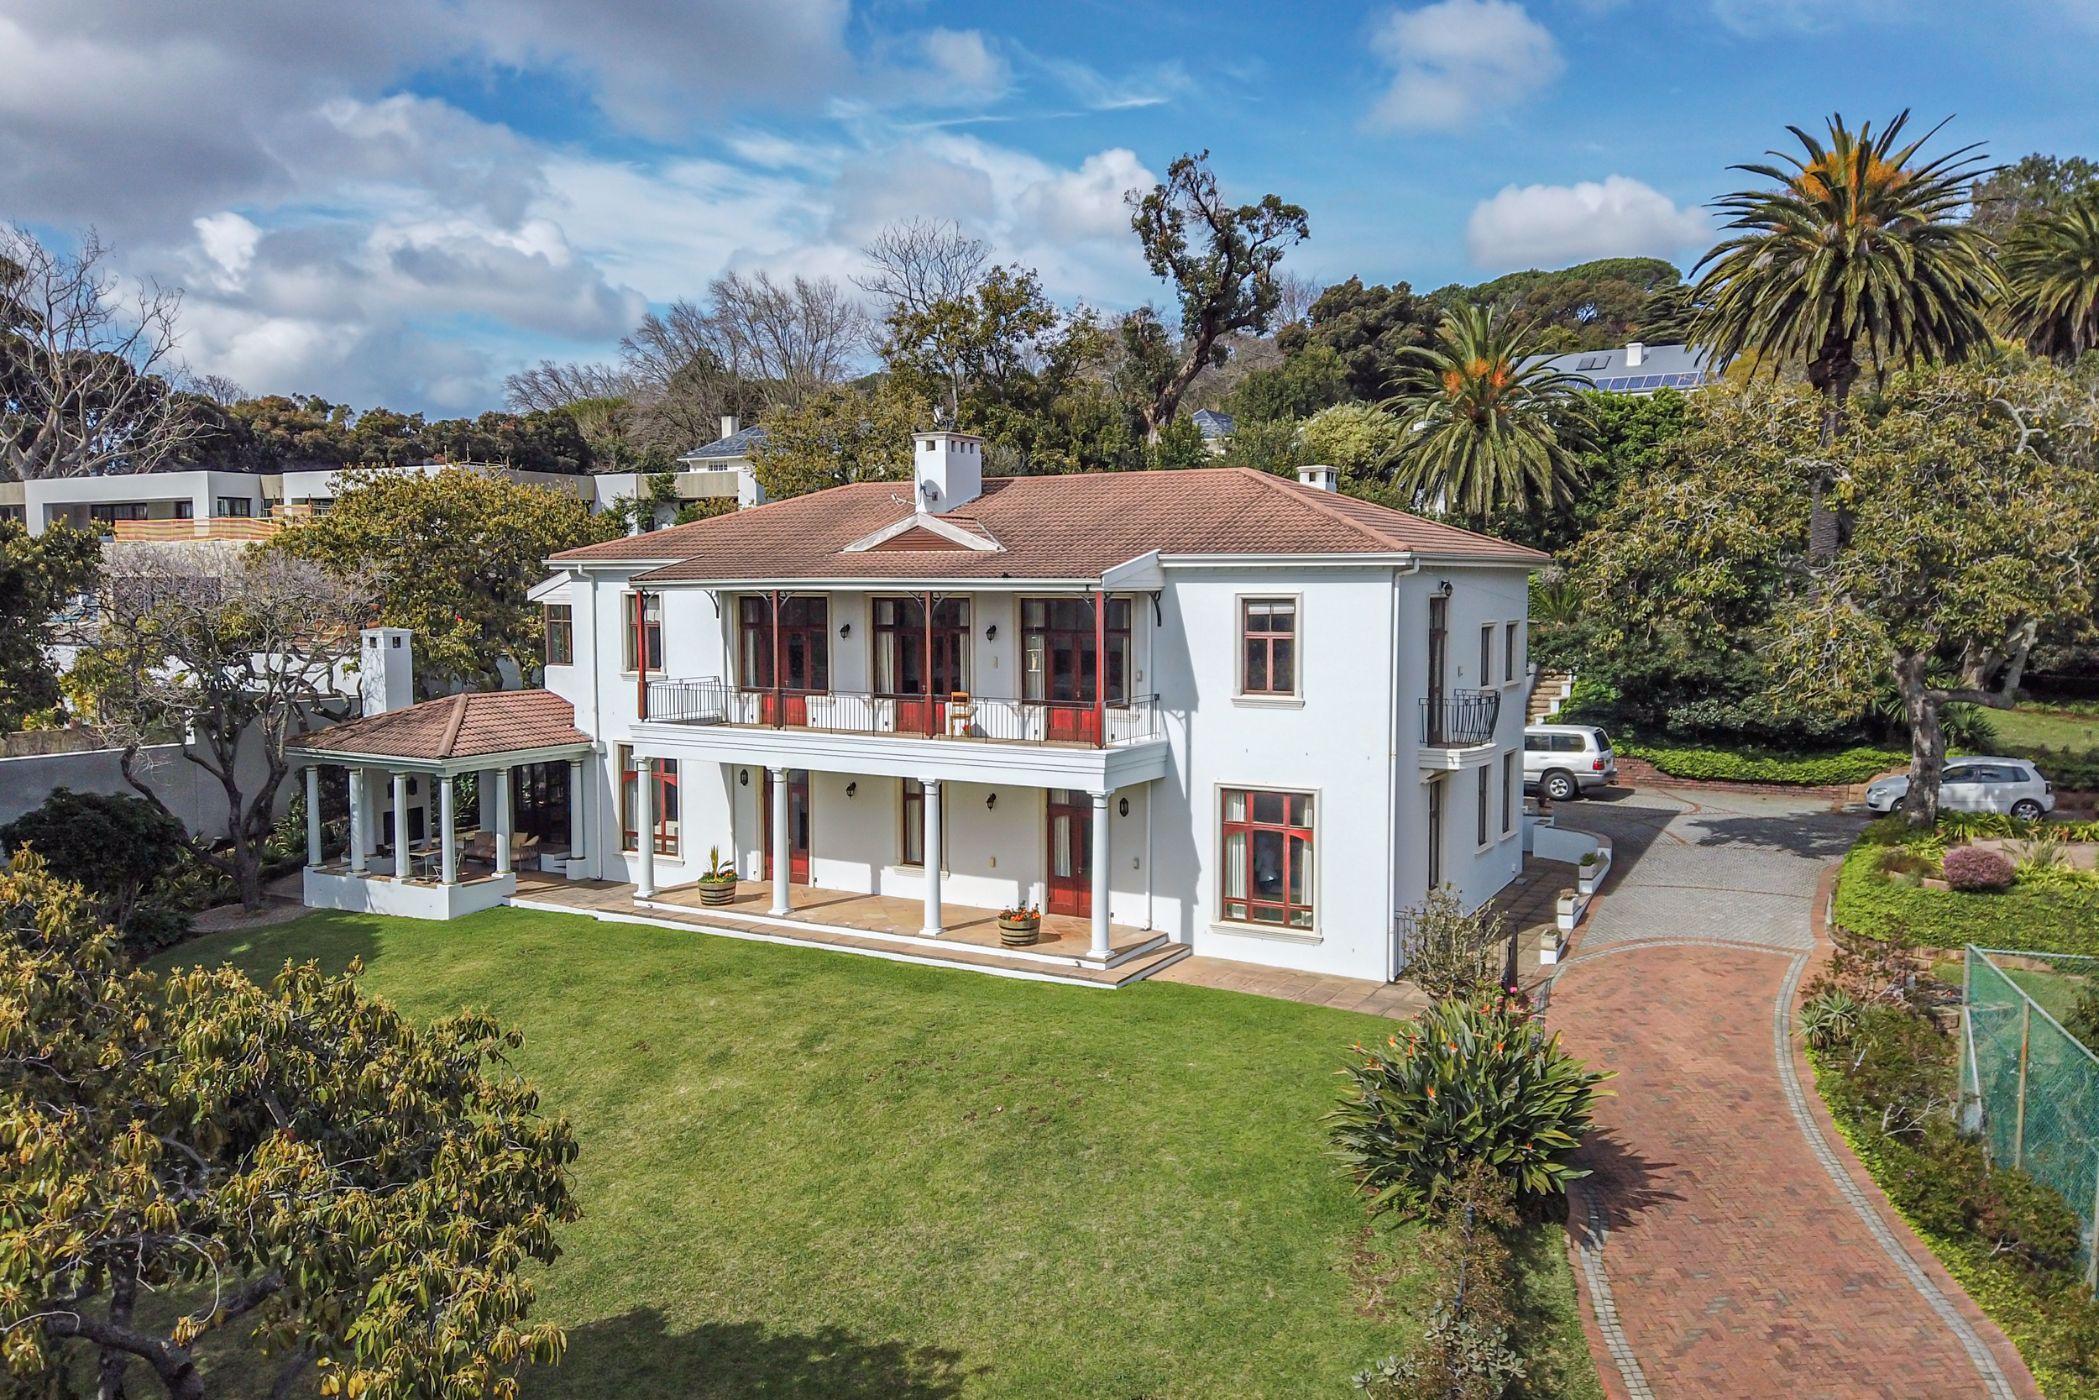 4 bedroom house for sale in Bishopscourt